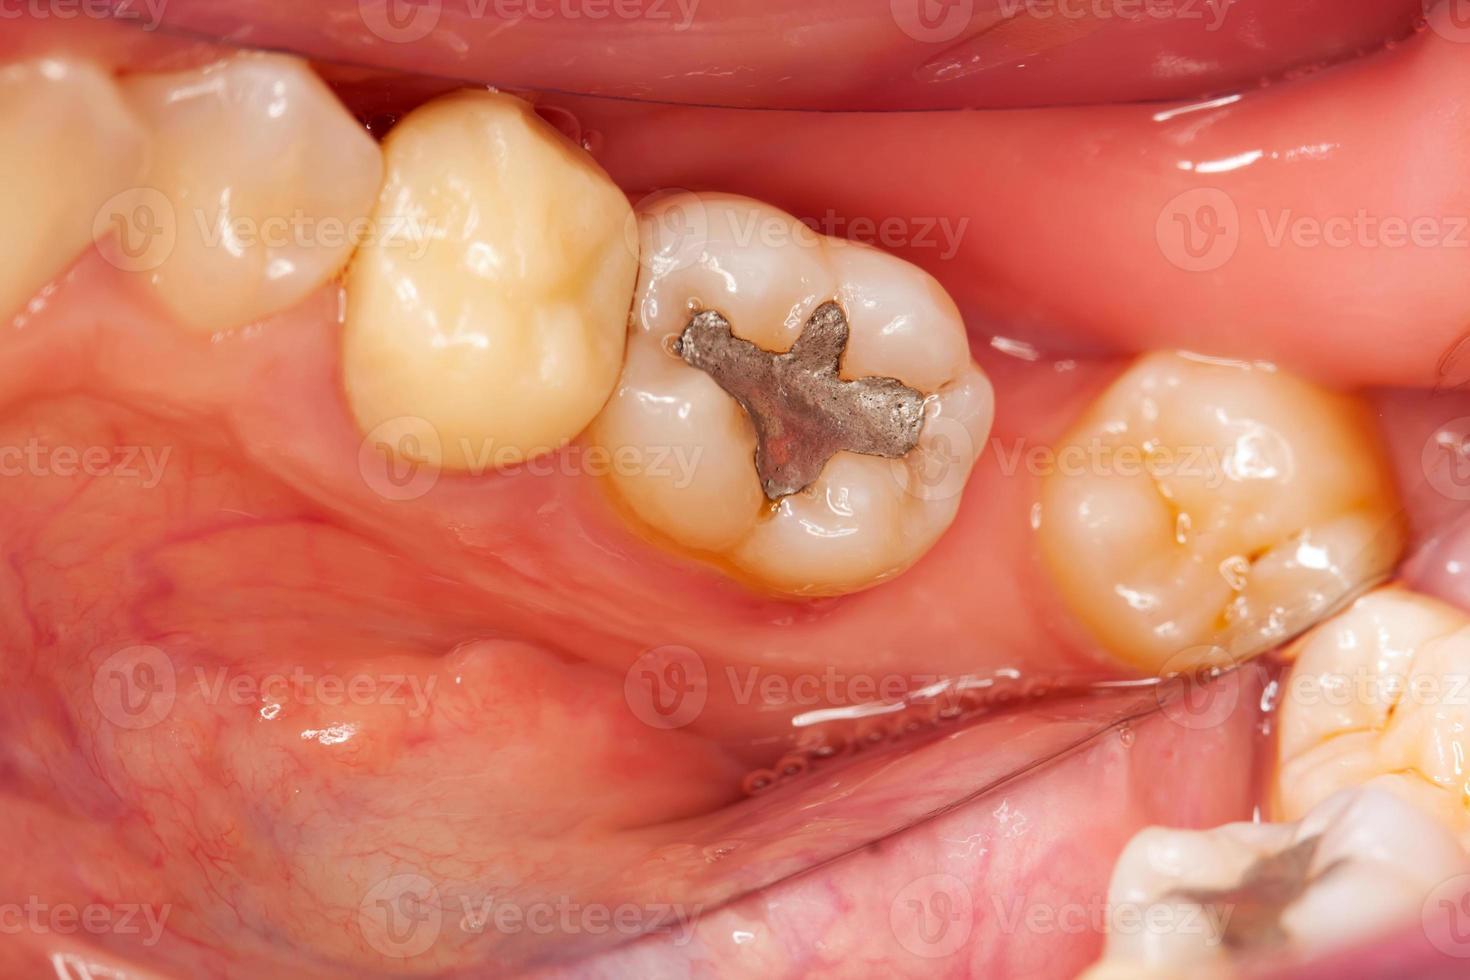 tandproblem foto